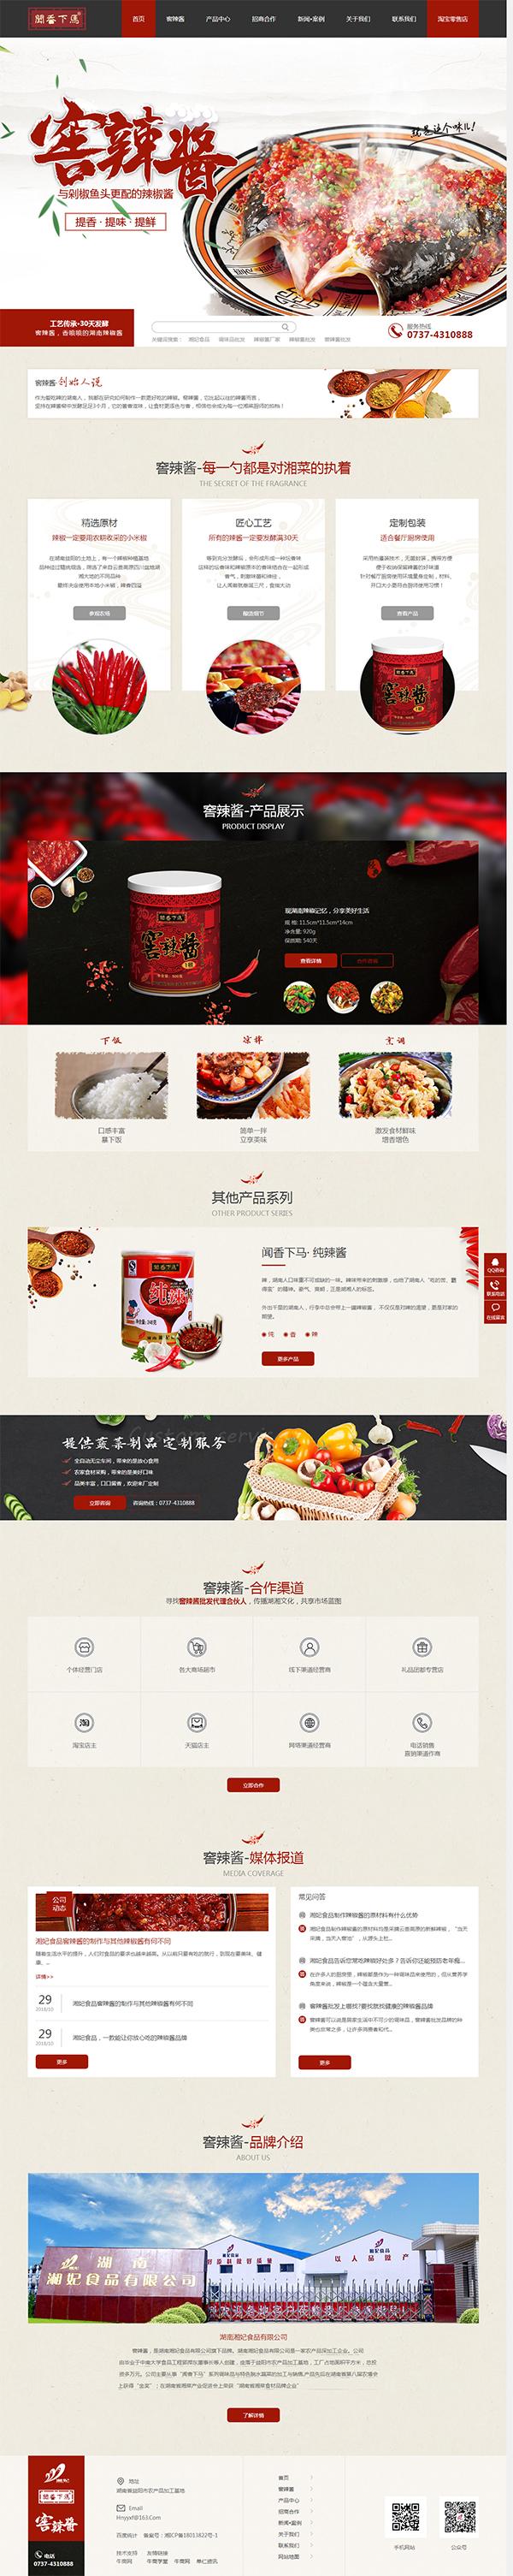 湘妃食品窖辣酱-营销型网站首页截图